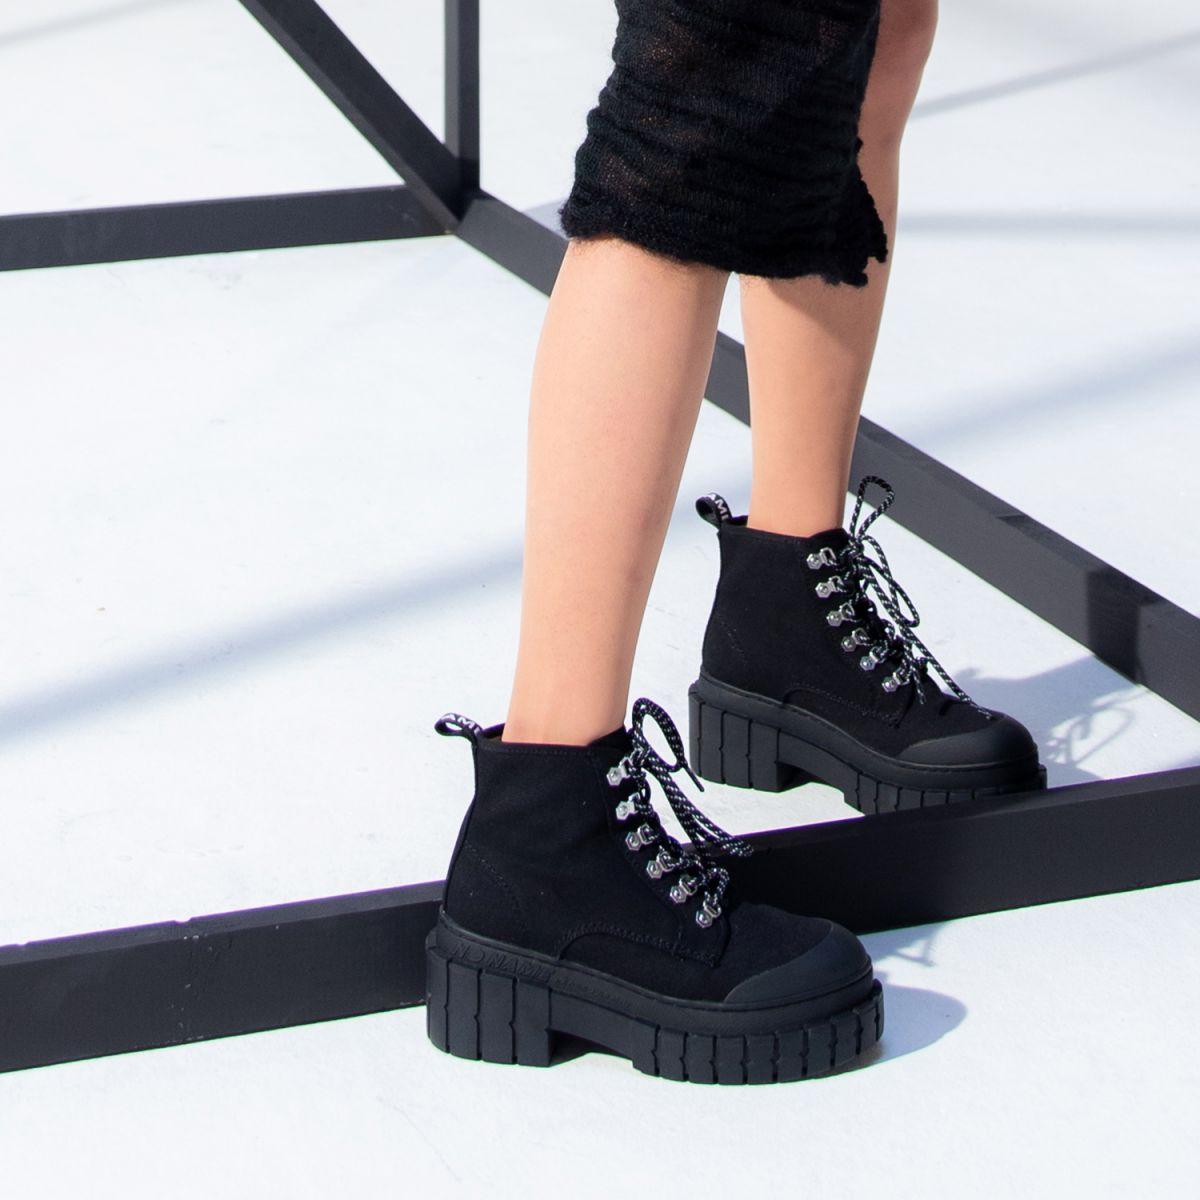 Bottines Kross Low Boots, en toile de coton et semelle crantée de 7,5 cm, No Name, 119€.